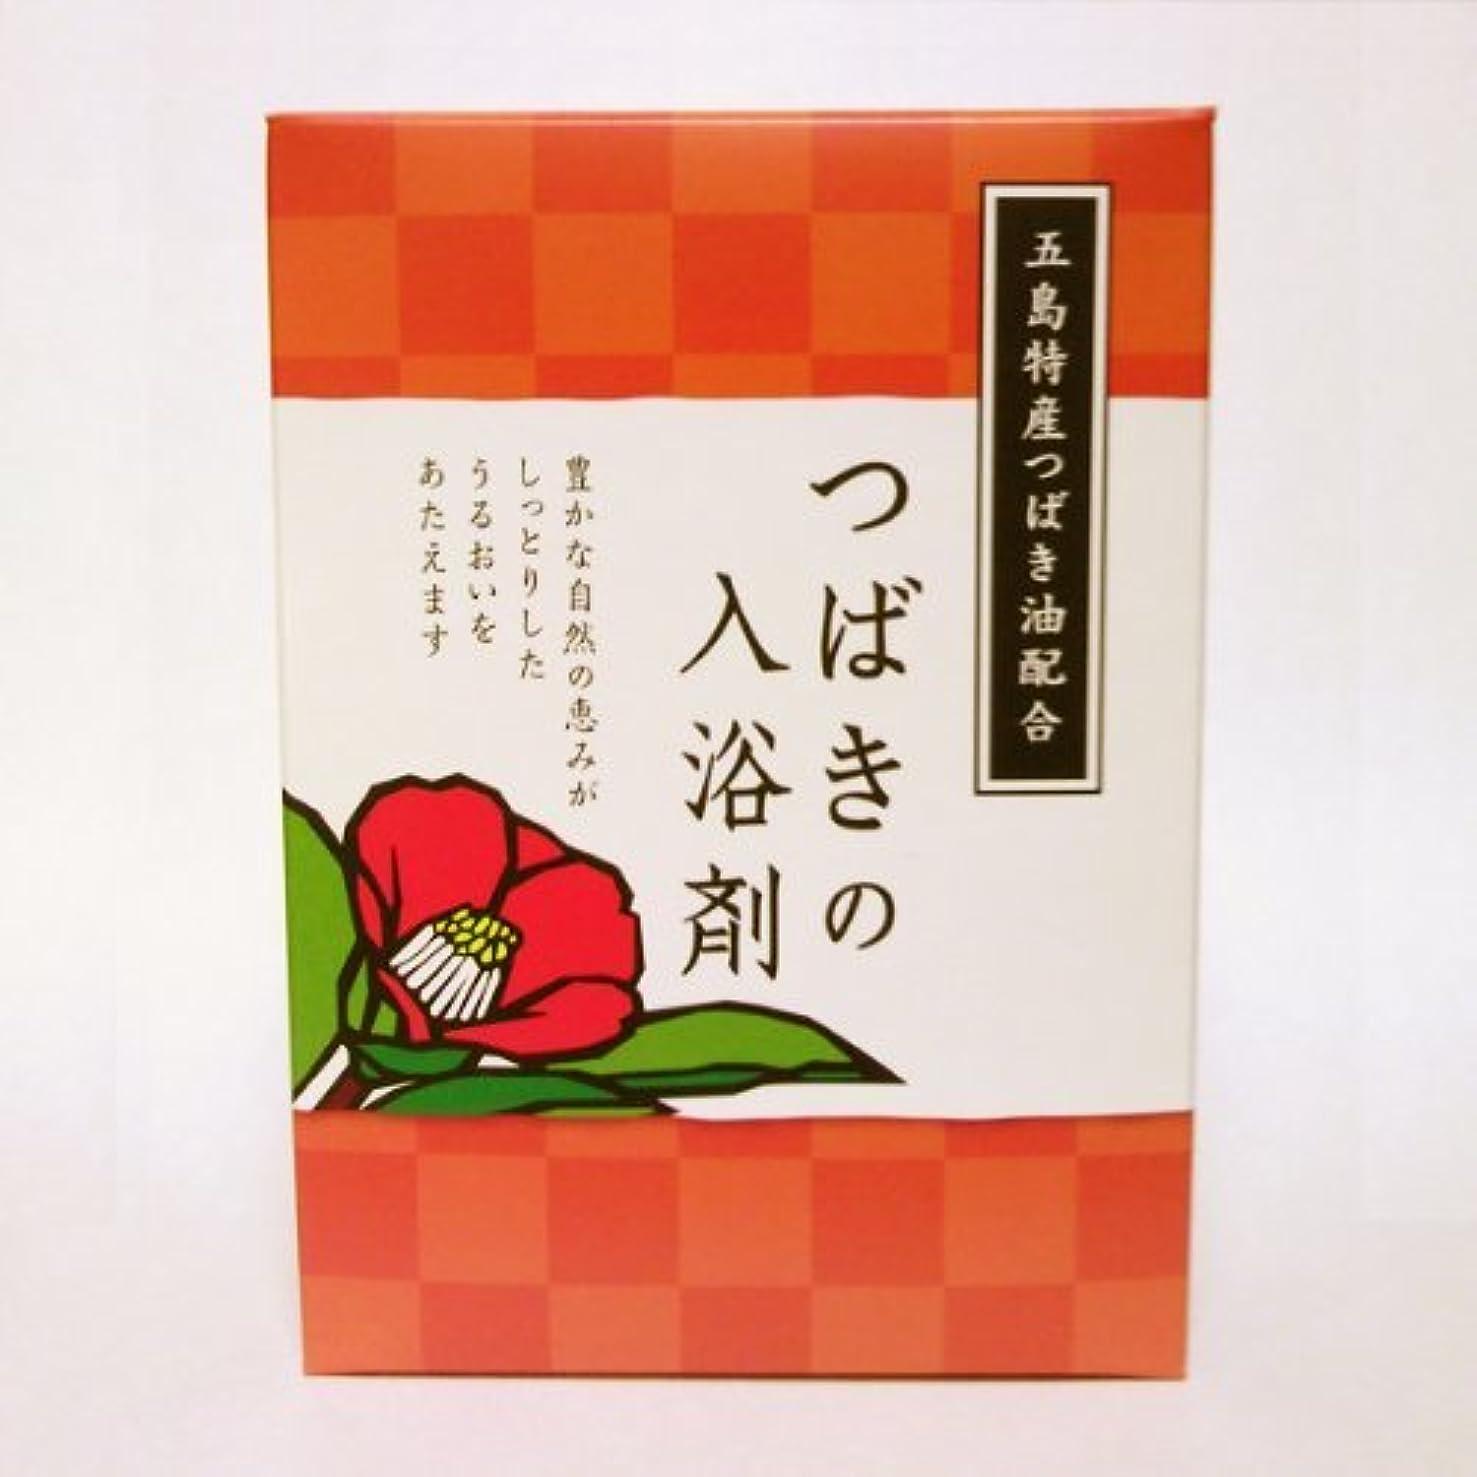 嫉妬品種滅多五島特産純粋 つばきの入浴剤 新上五島町振興公社